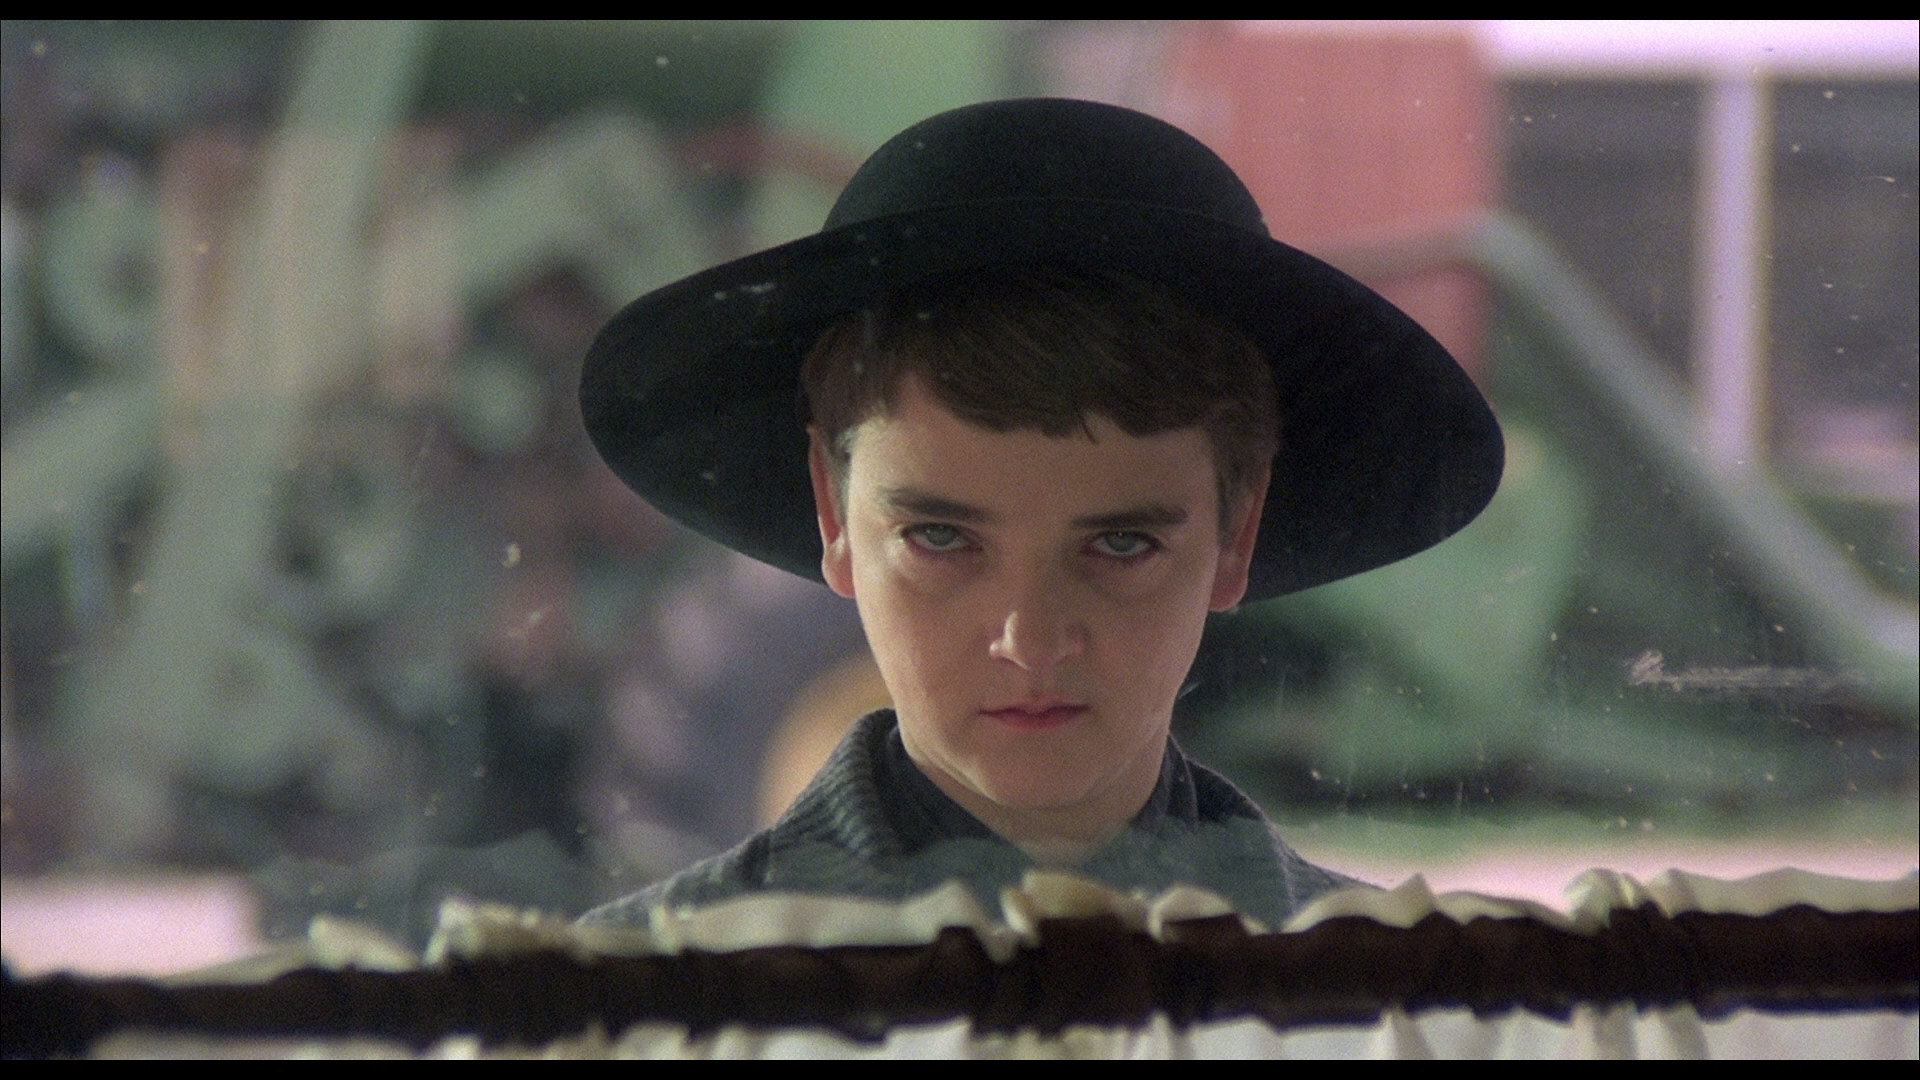 Стивен Кинг Дети кукурузы (Children of the Corn)